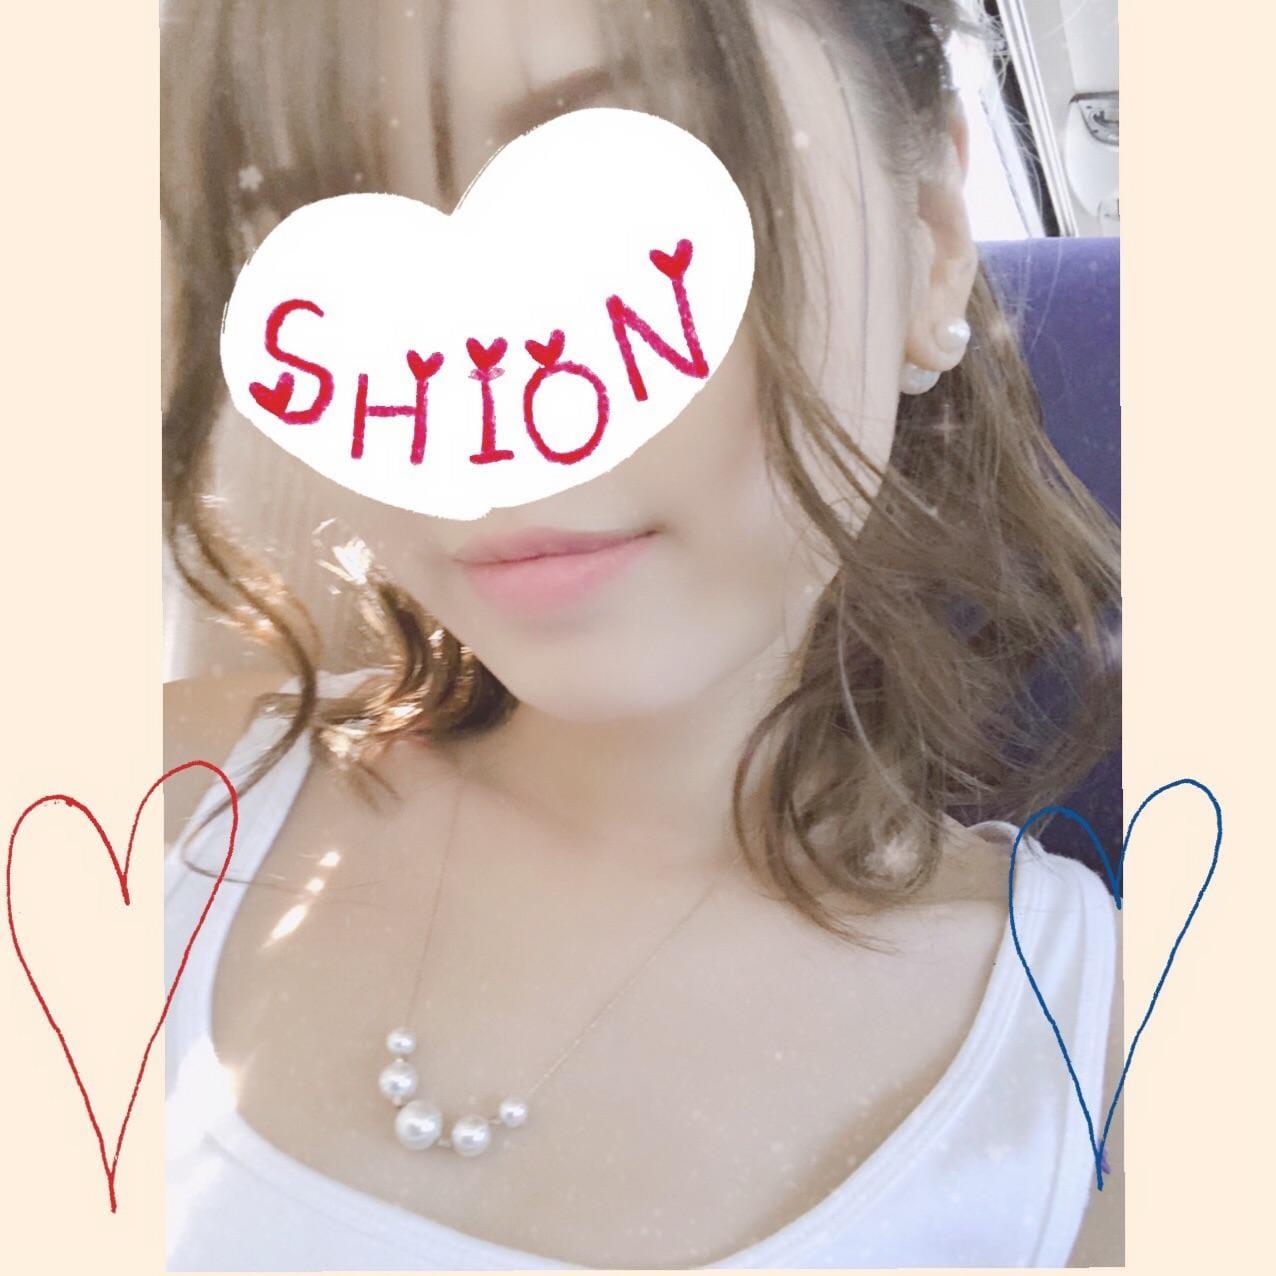 「今日は〜(о´∀`о)」09/28(09/28) 16:49 | しおんの写メ・風俗動画